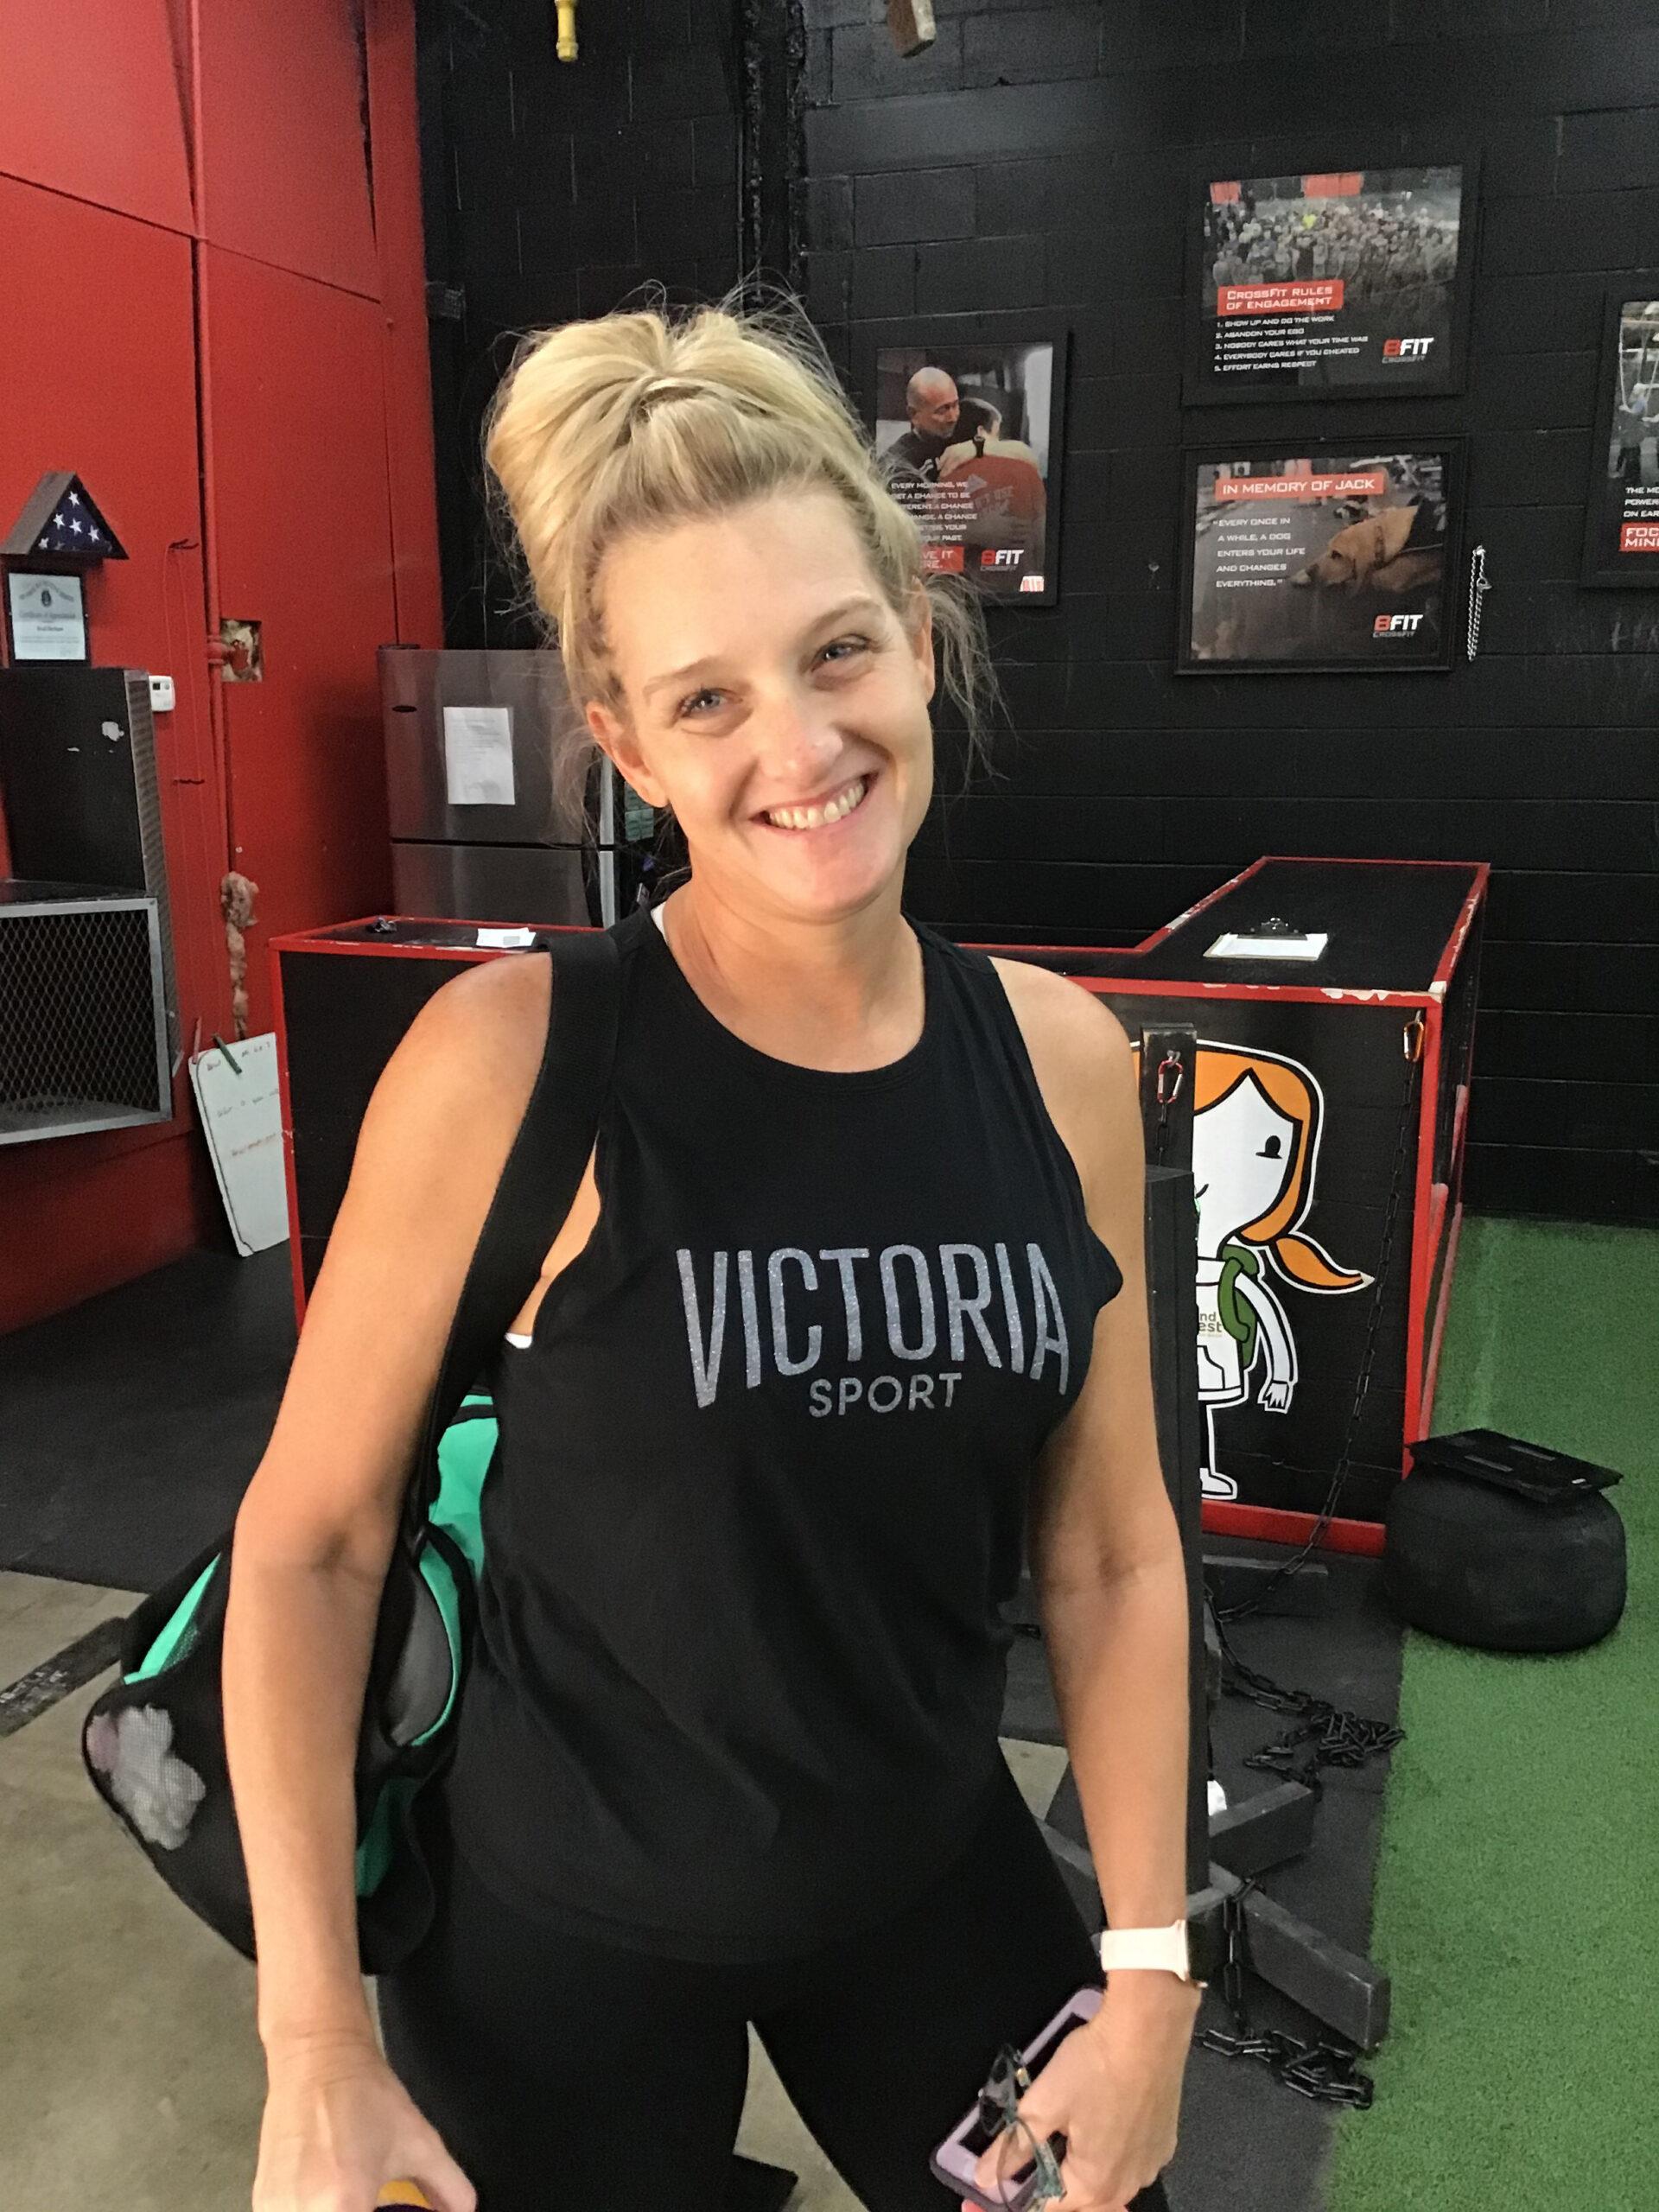 Michelle Sexton